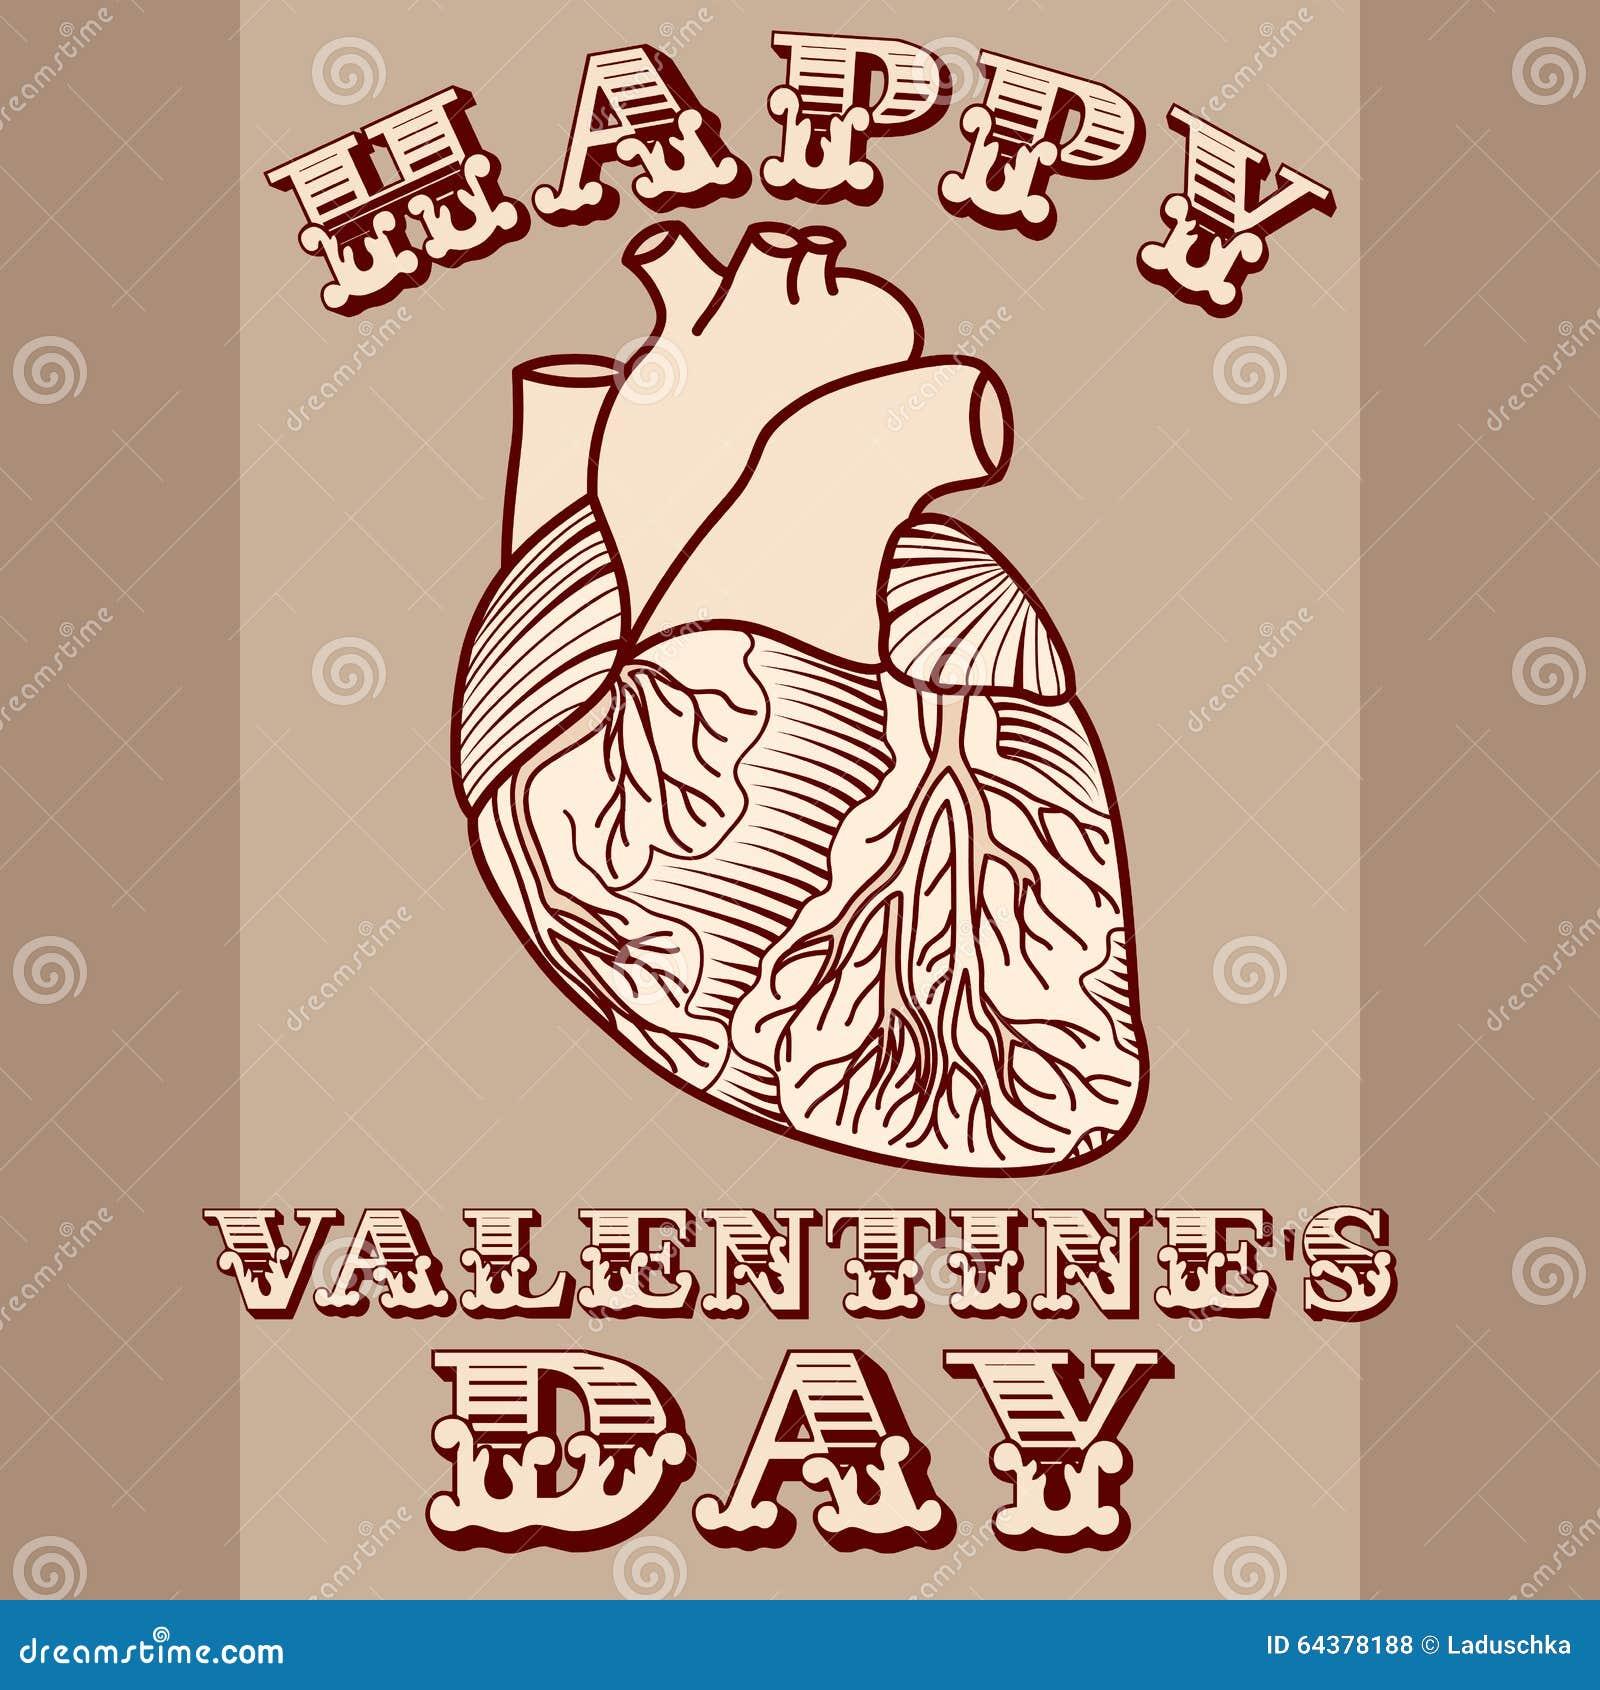 Valentinstag bilder sarkastisch